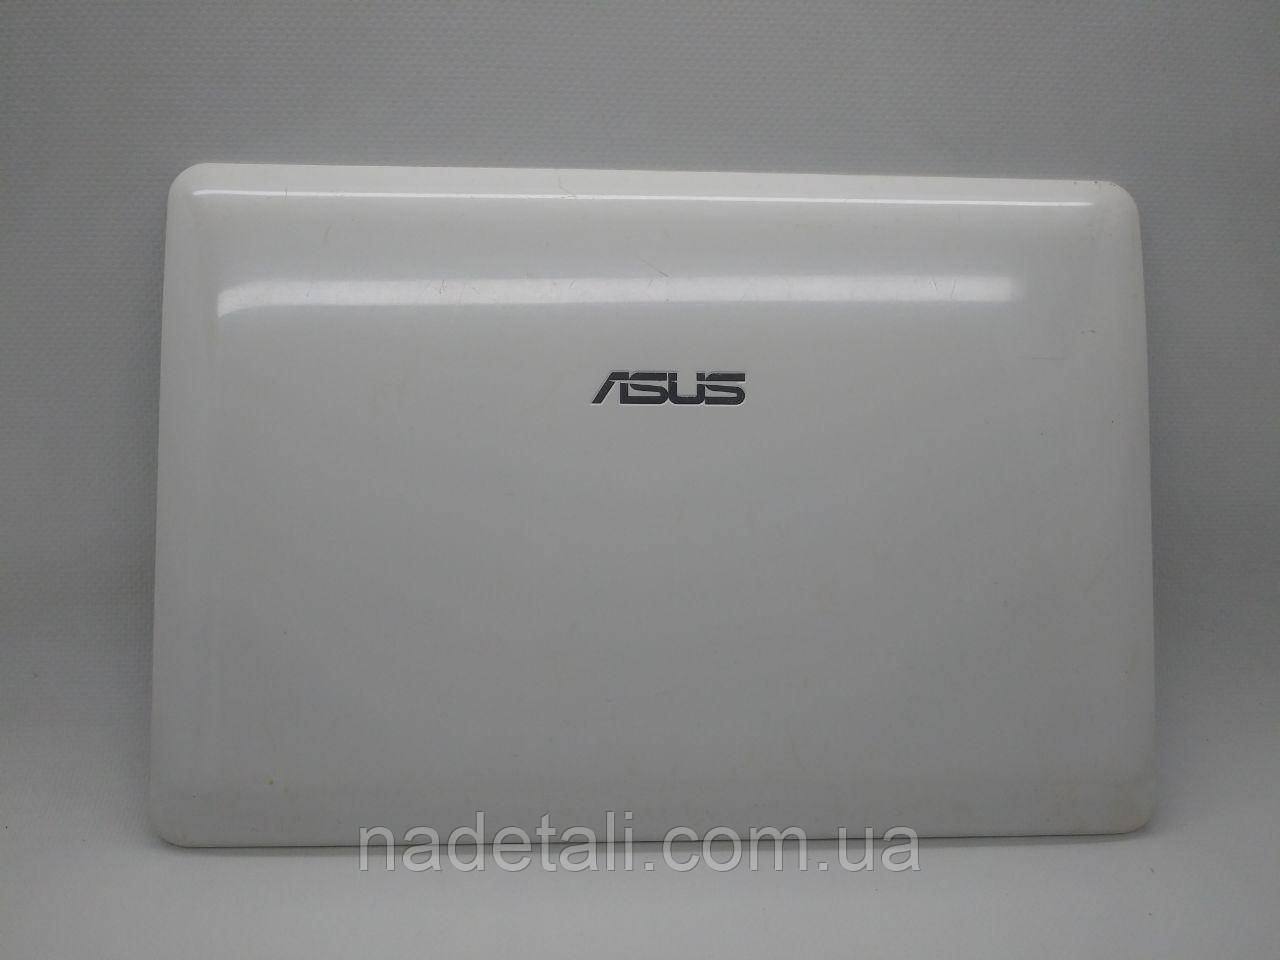 Крышка матрицы Asus Eee PC 1015PN 13GOA2V5AP020-10